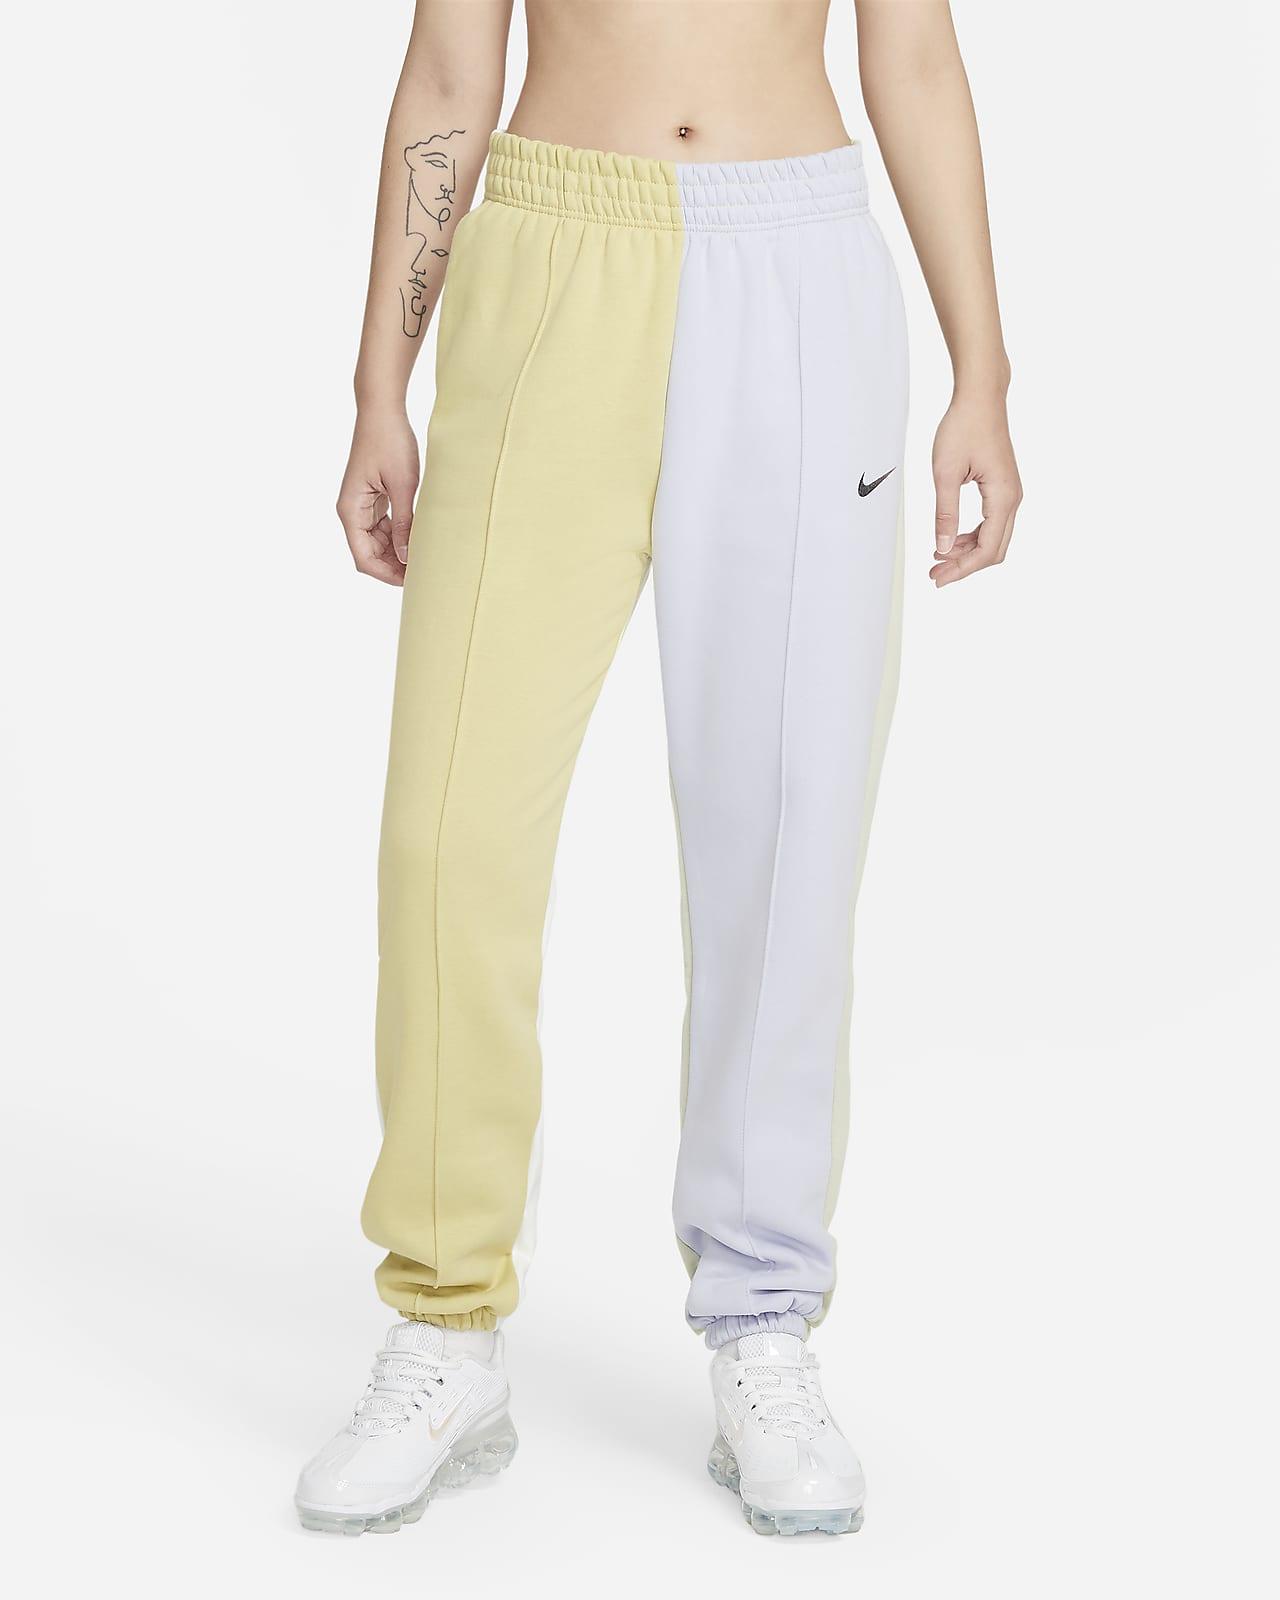 Nike Sportswear Essential Kadın Eşofman Altı